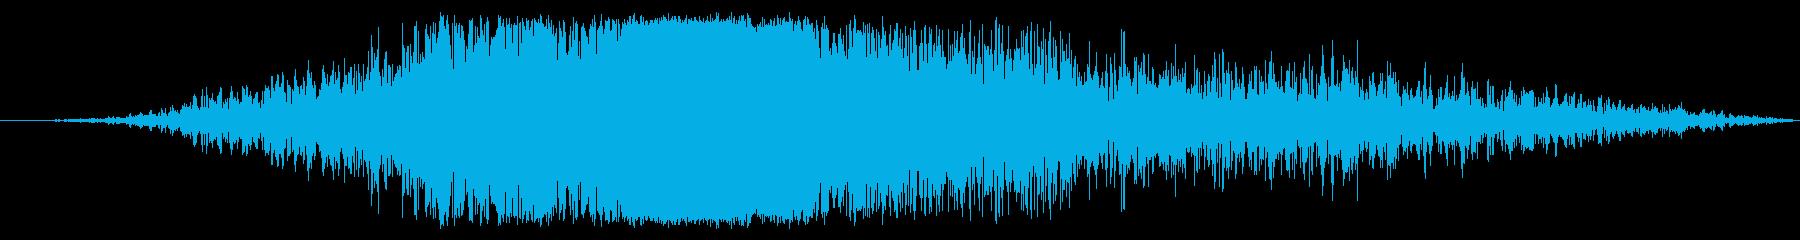 ボーイング737旅客機:内線:接近...の再生済みの波形